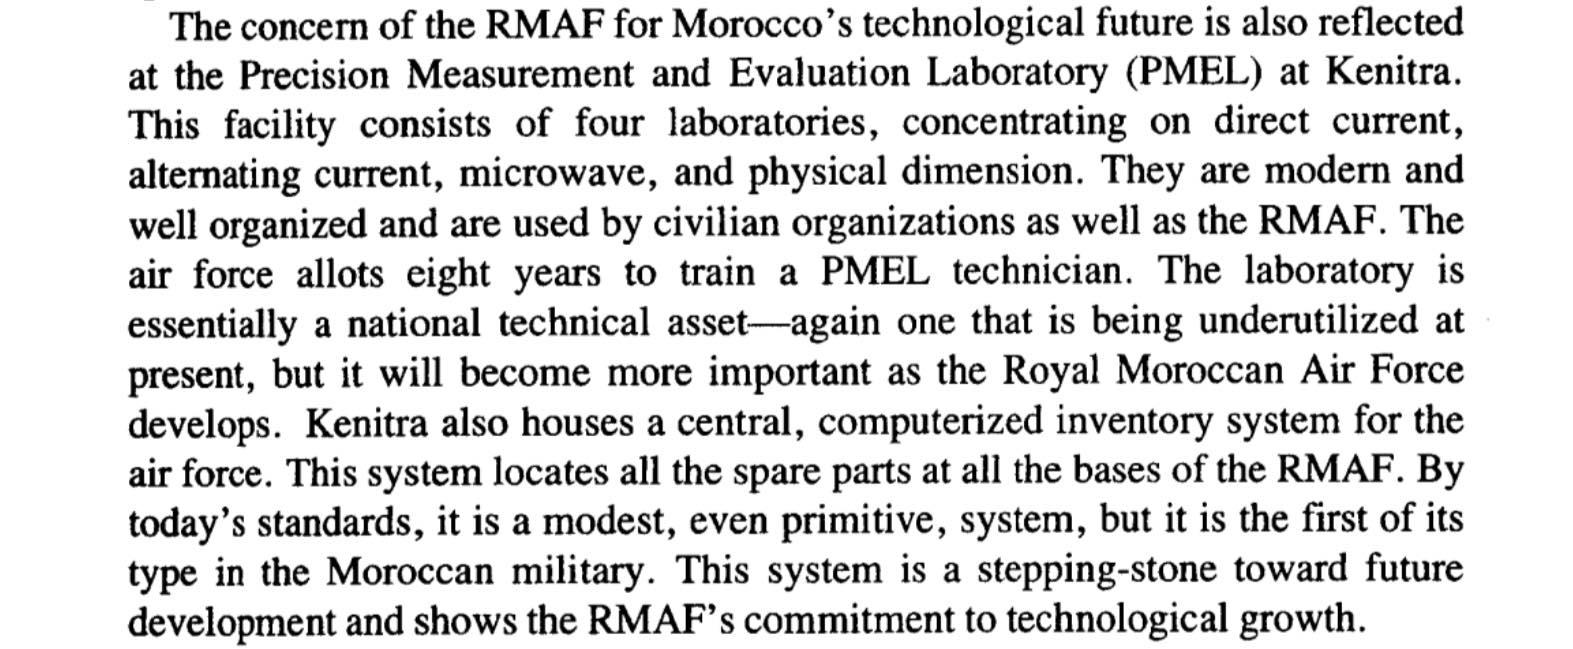 PMEL - Laboratoire de Métrologie des Forces Royales Air Pmel10